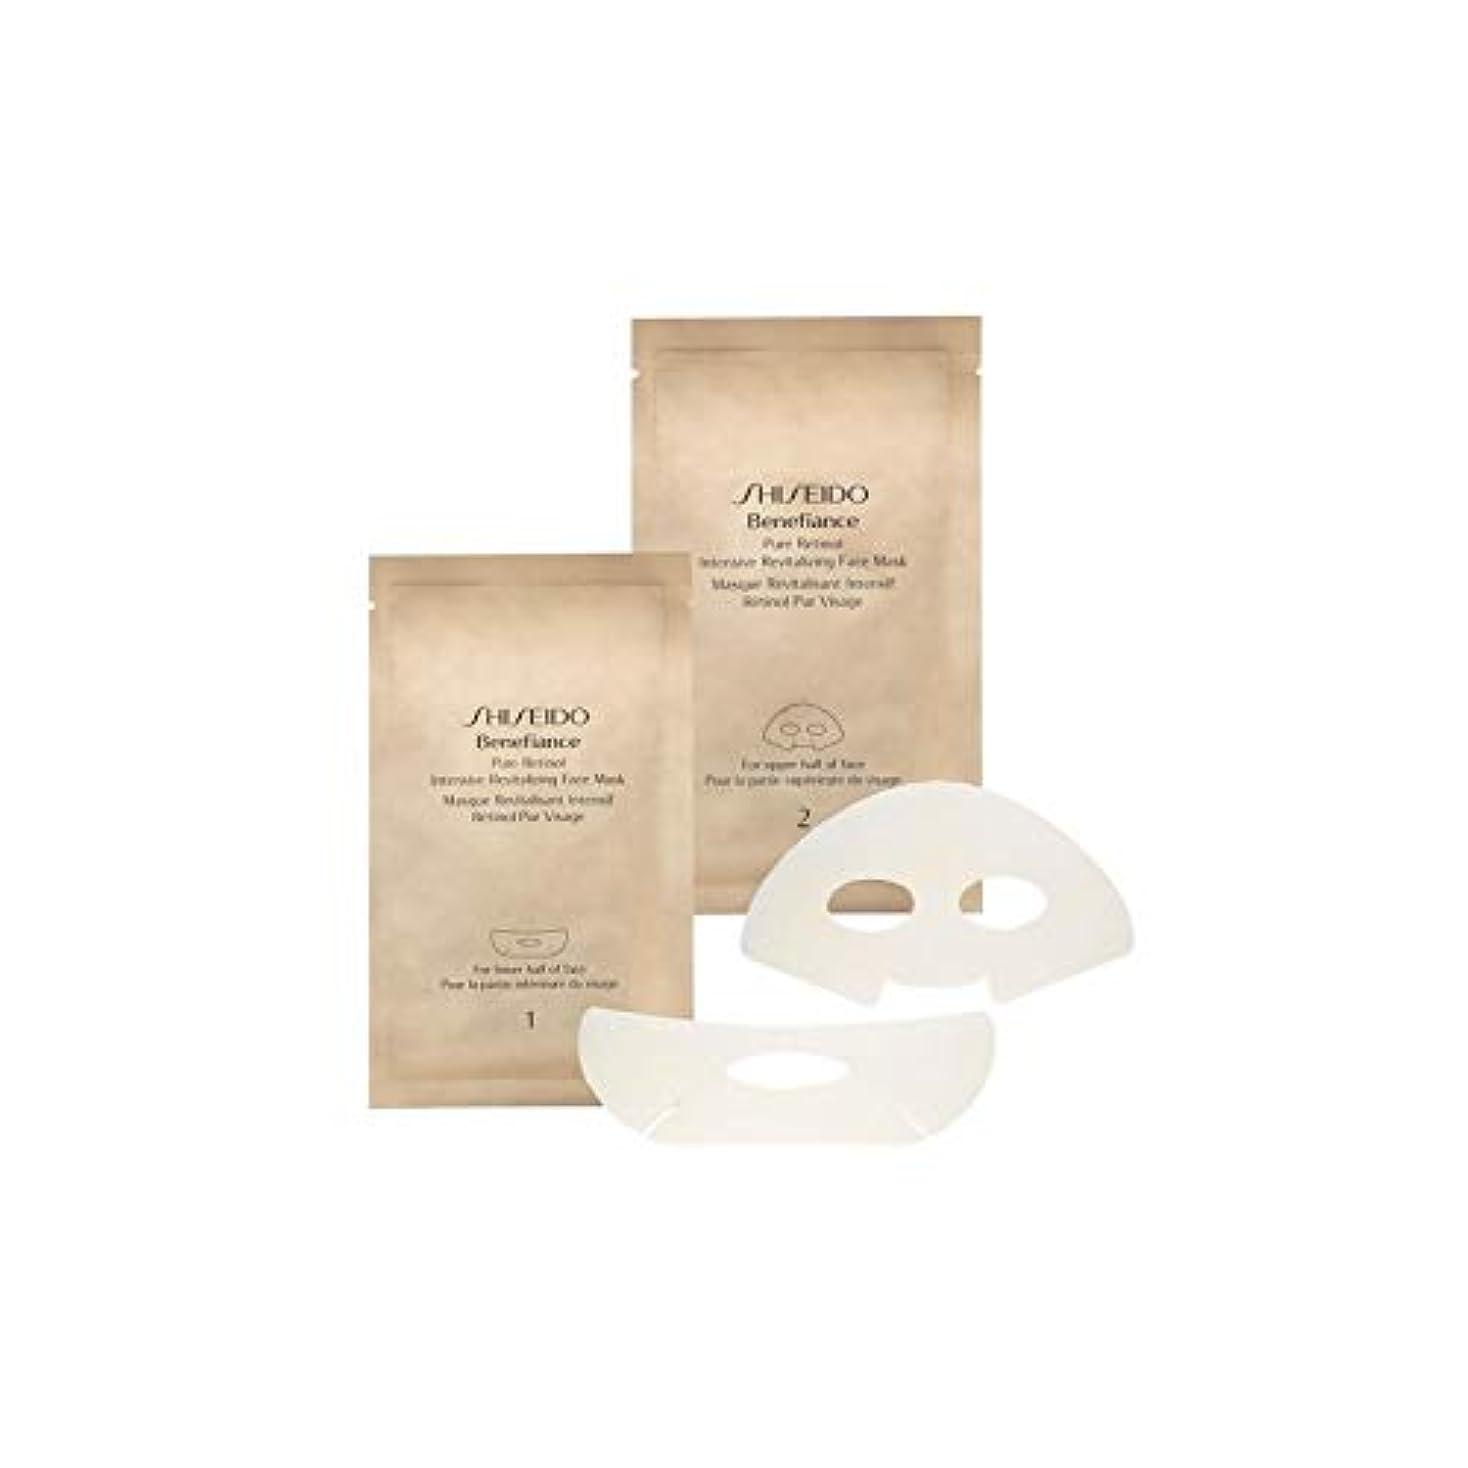 眼ストレッチ義務的[Shiseido] 資生堂ベネフィアンス純粋レチノールインテンシブリバイタライジングフェースマスク×4袋 - Shiseido Benefiance Pure Retinol Intensive Revitalizing Face Mask X 4 Sachets [並行輸入品]